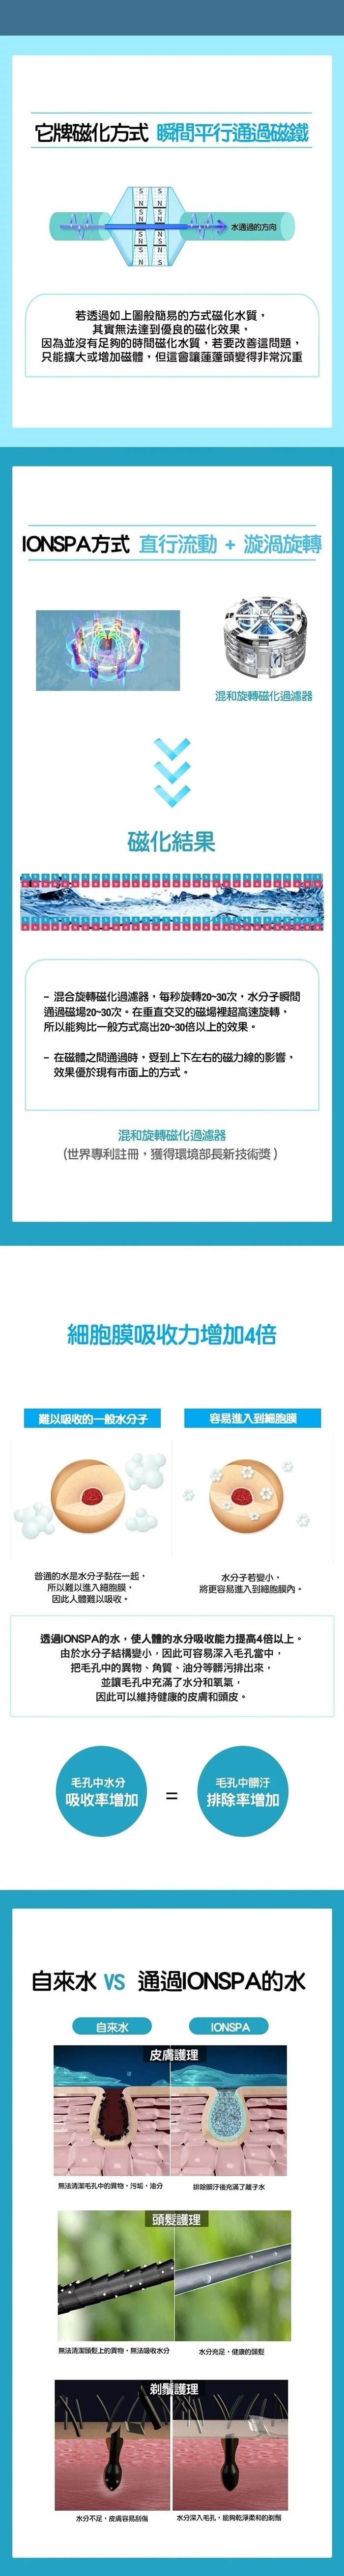 25韓國 IONSPA 抑菌磁化離子水 花灑